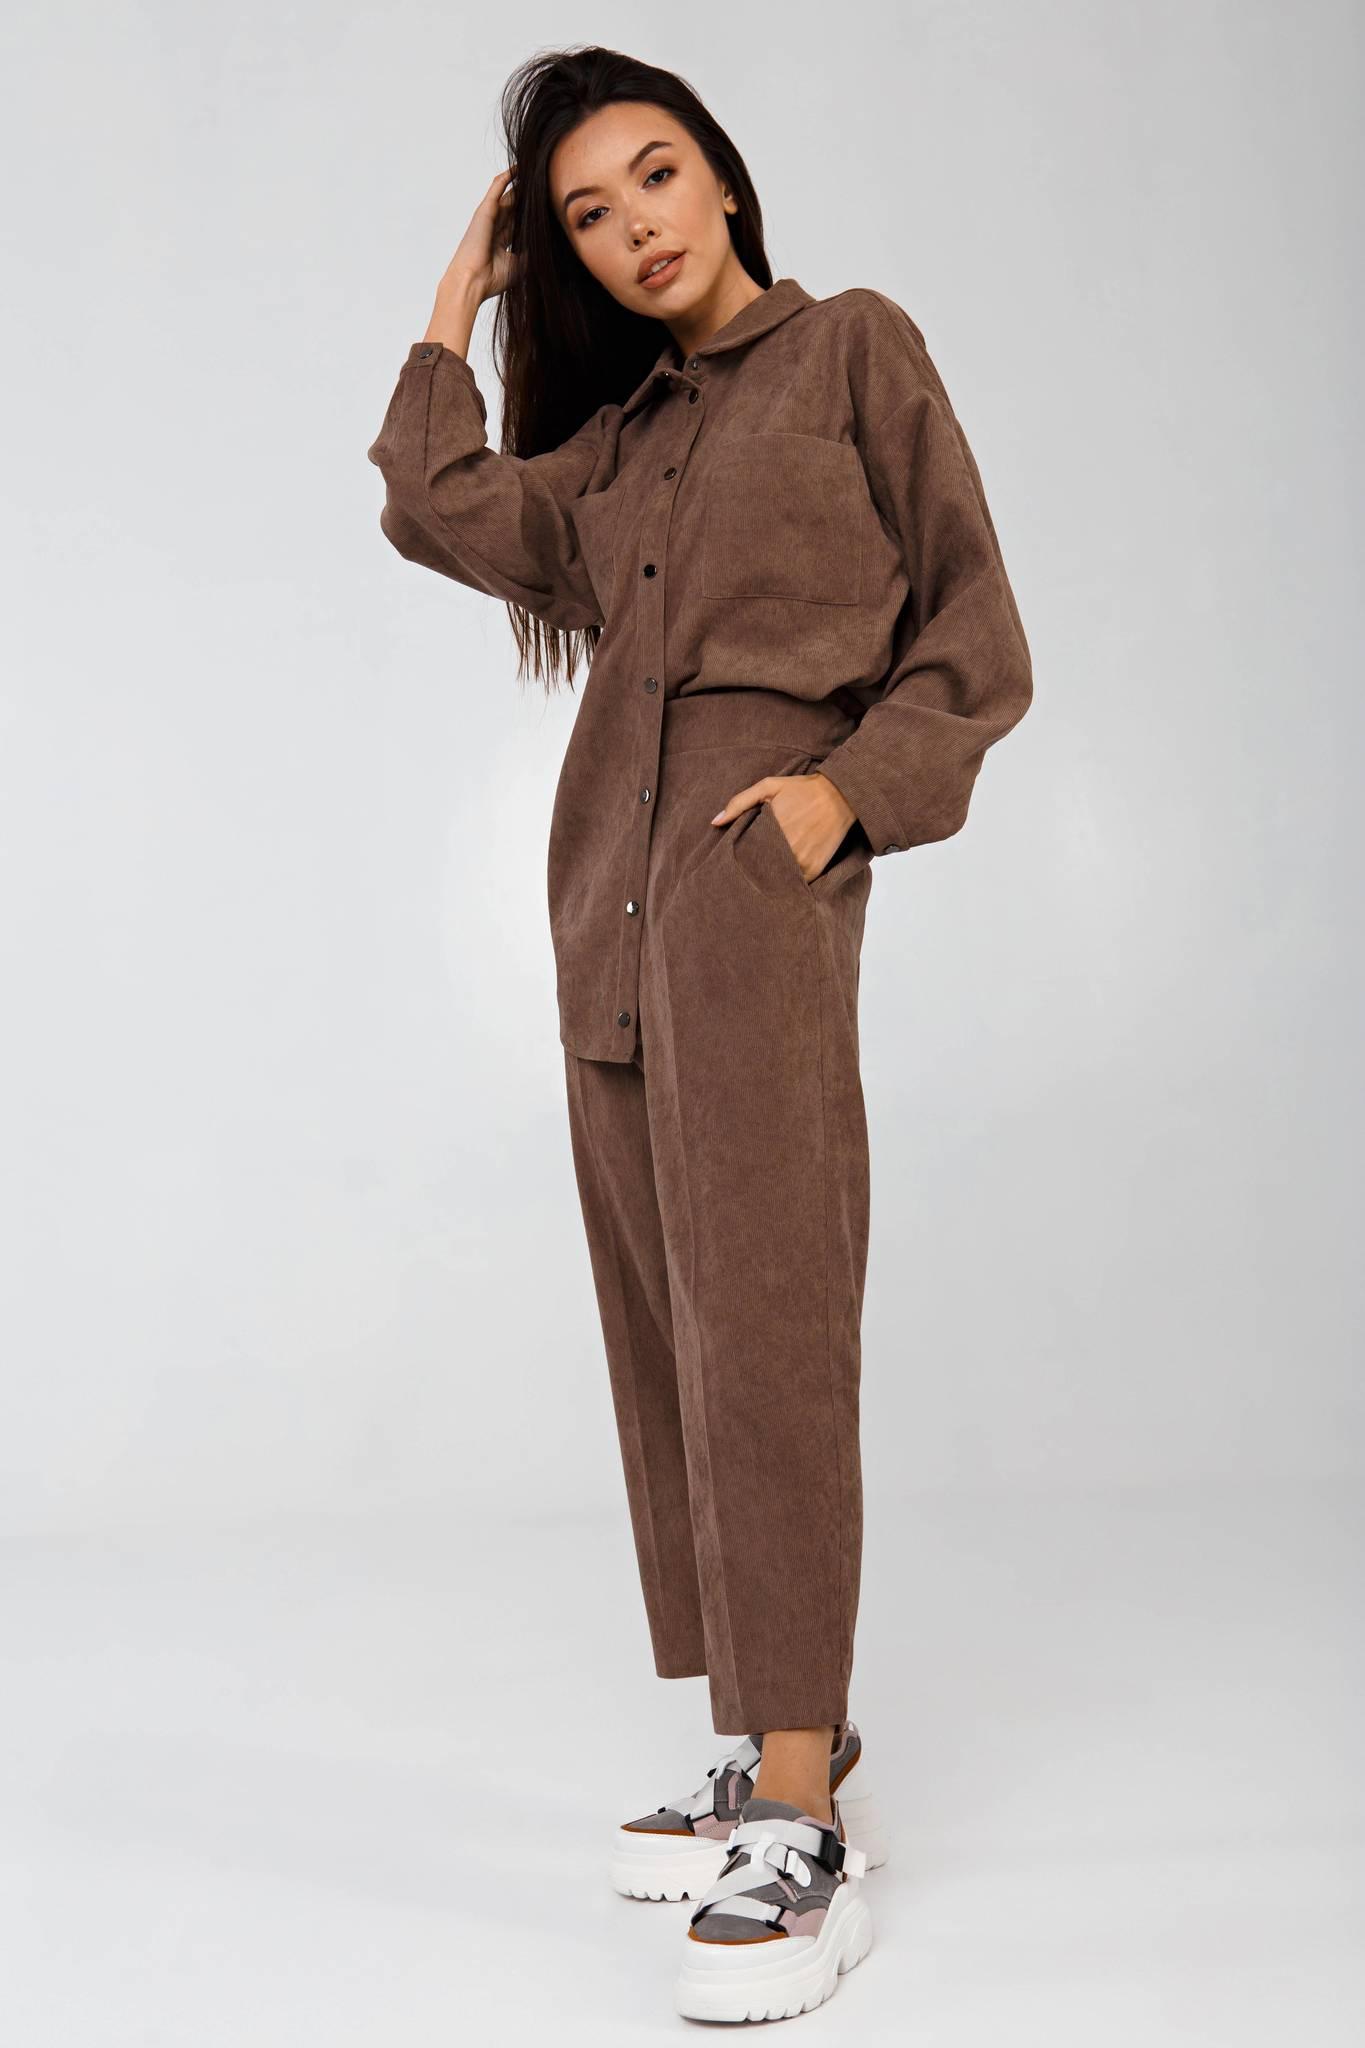 Брюки вельветовые в рубчик коричневые YOS от украинского бренда Your Own Style